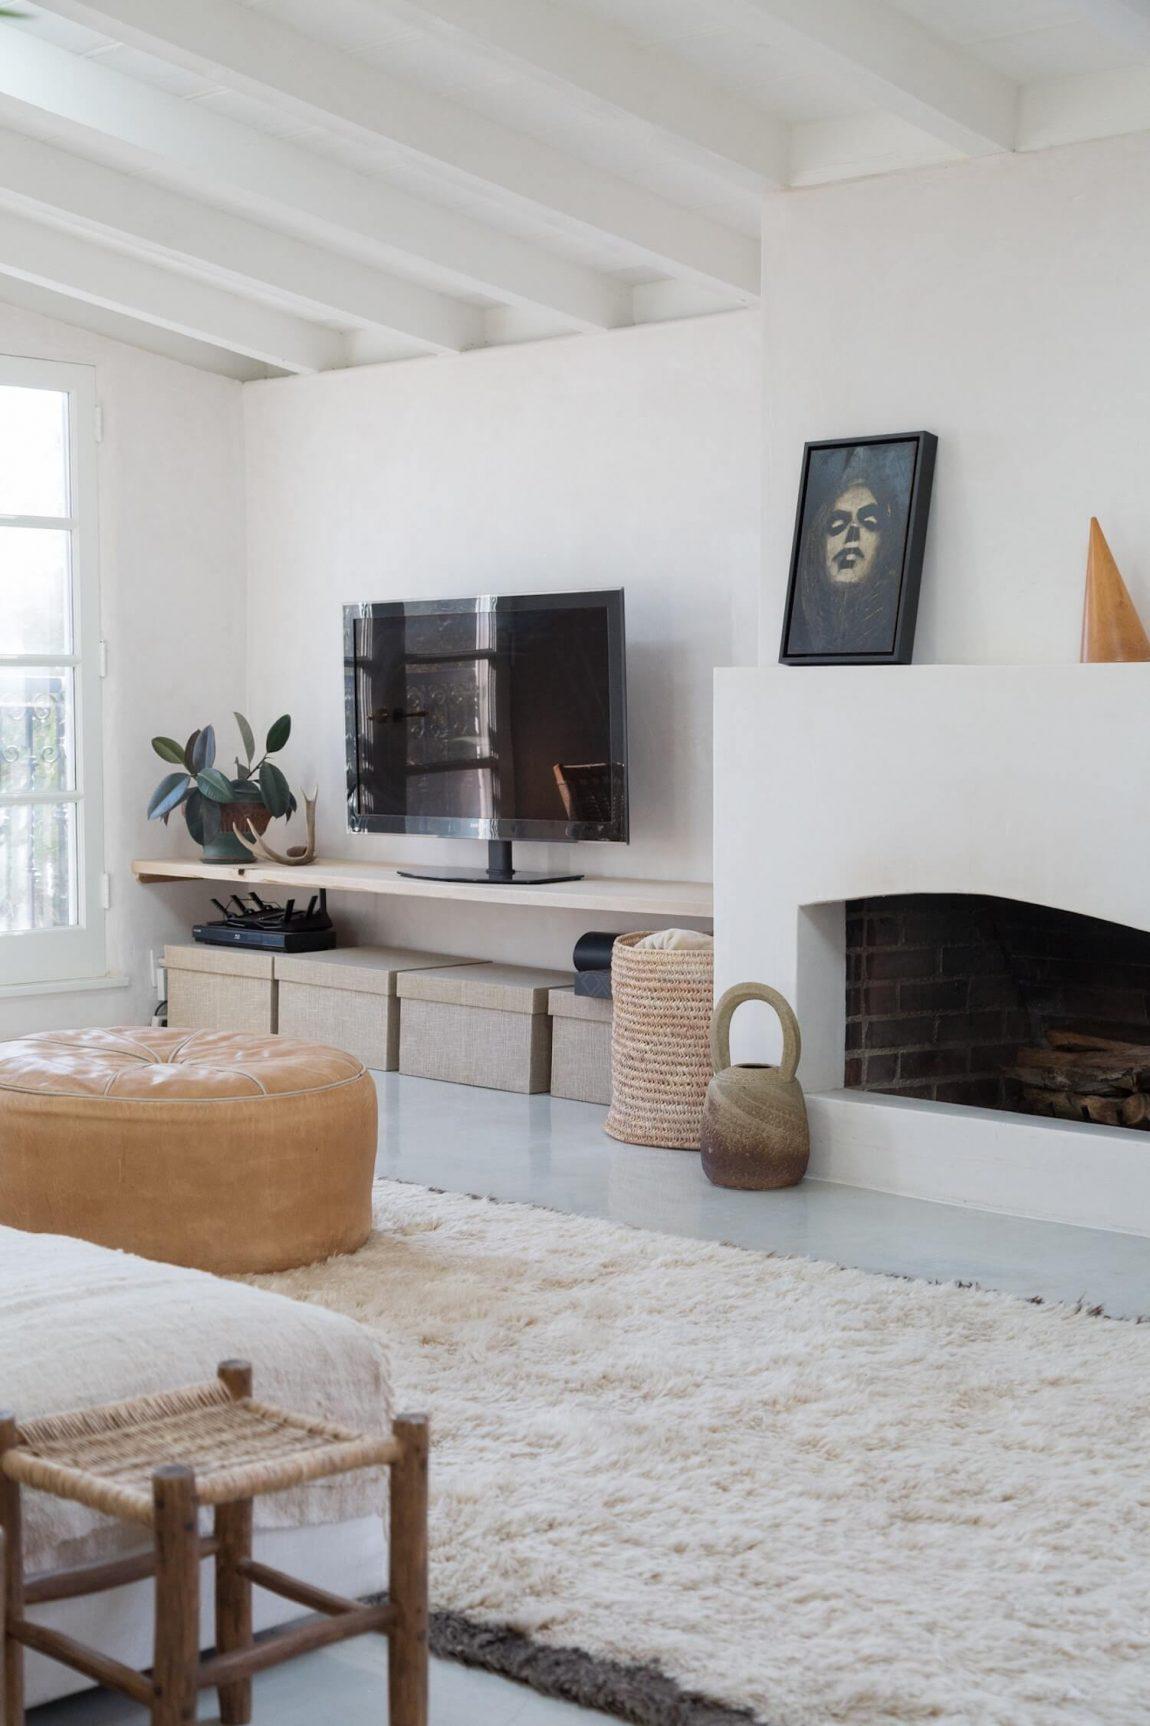 Spaans huis in LA natuurlijke materialen en neutraal